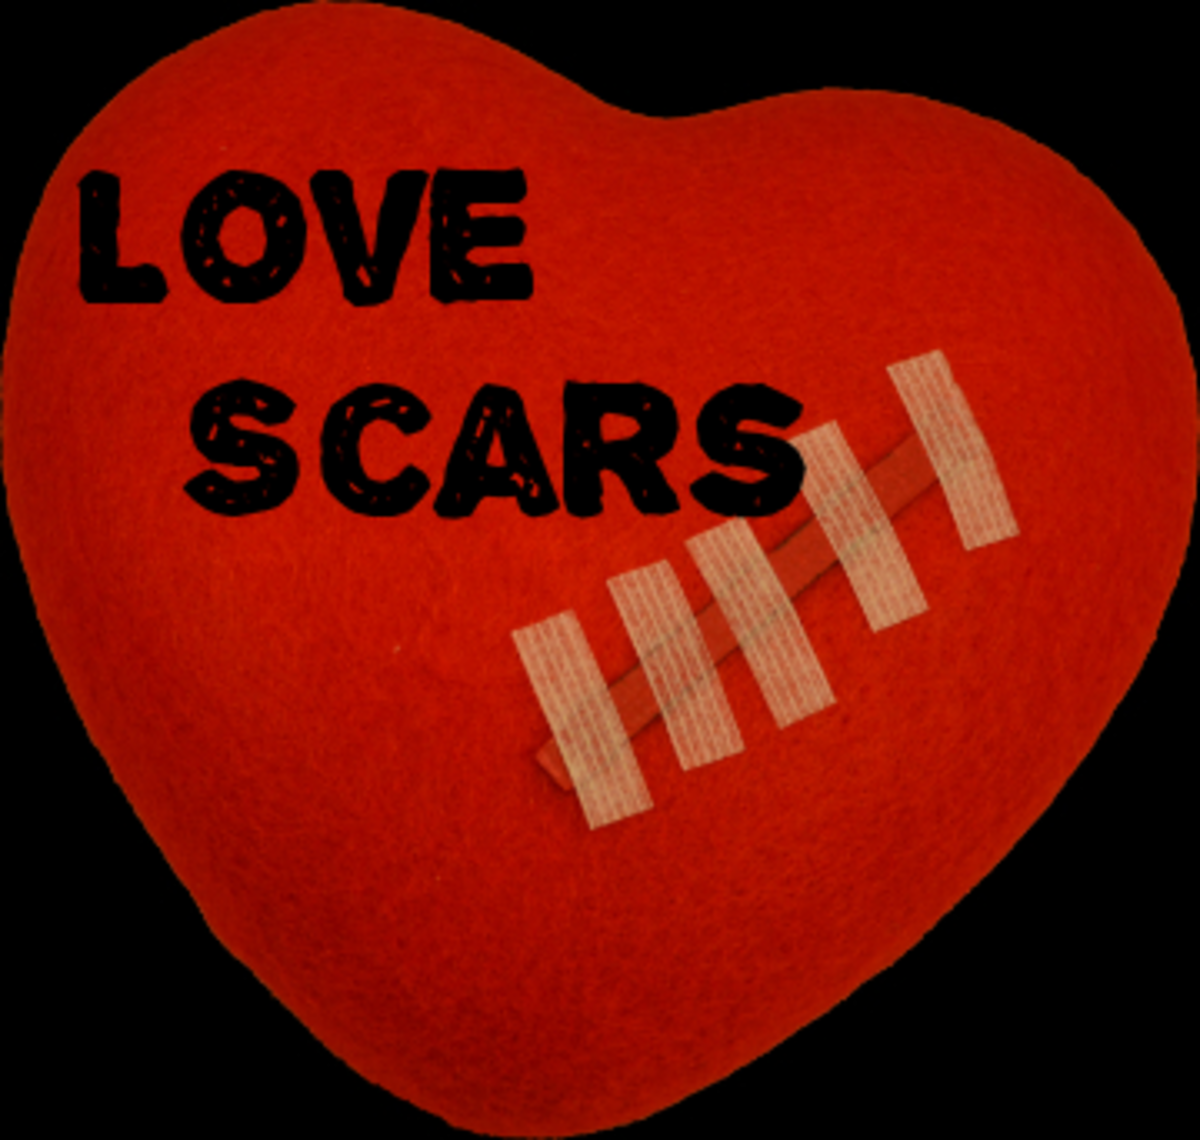 Poem: Love Scars